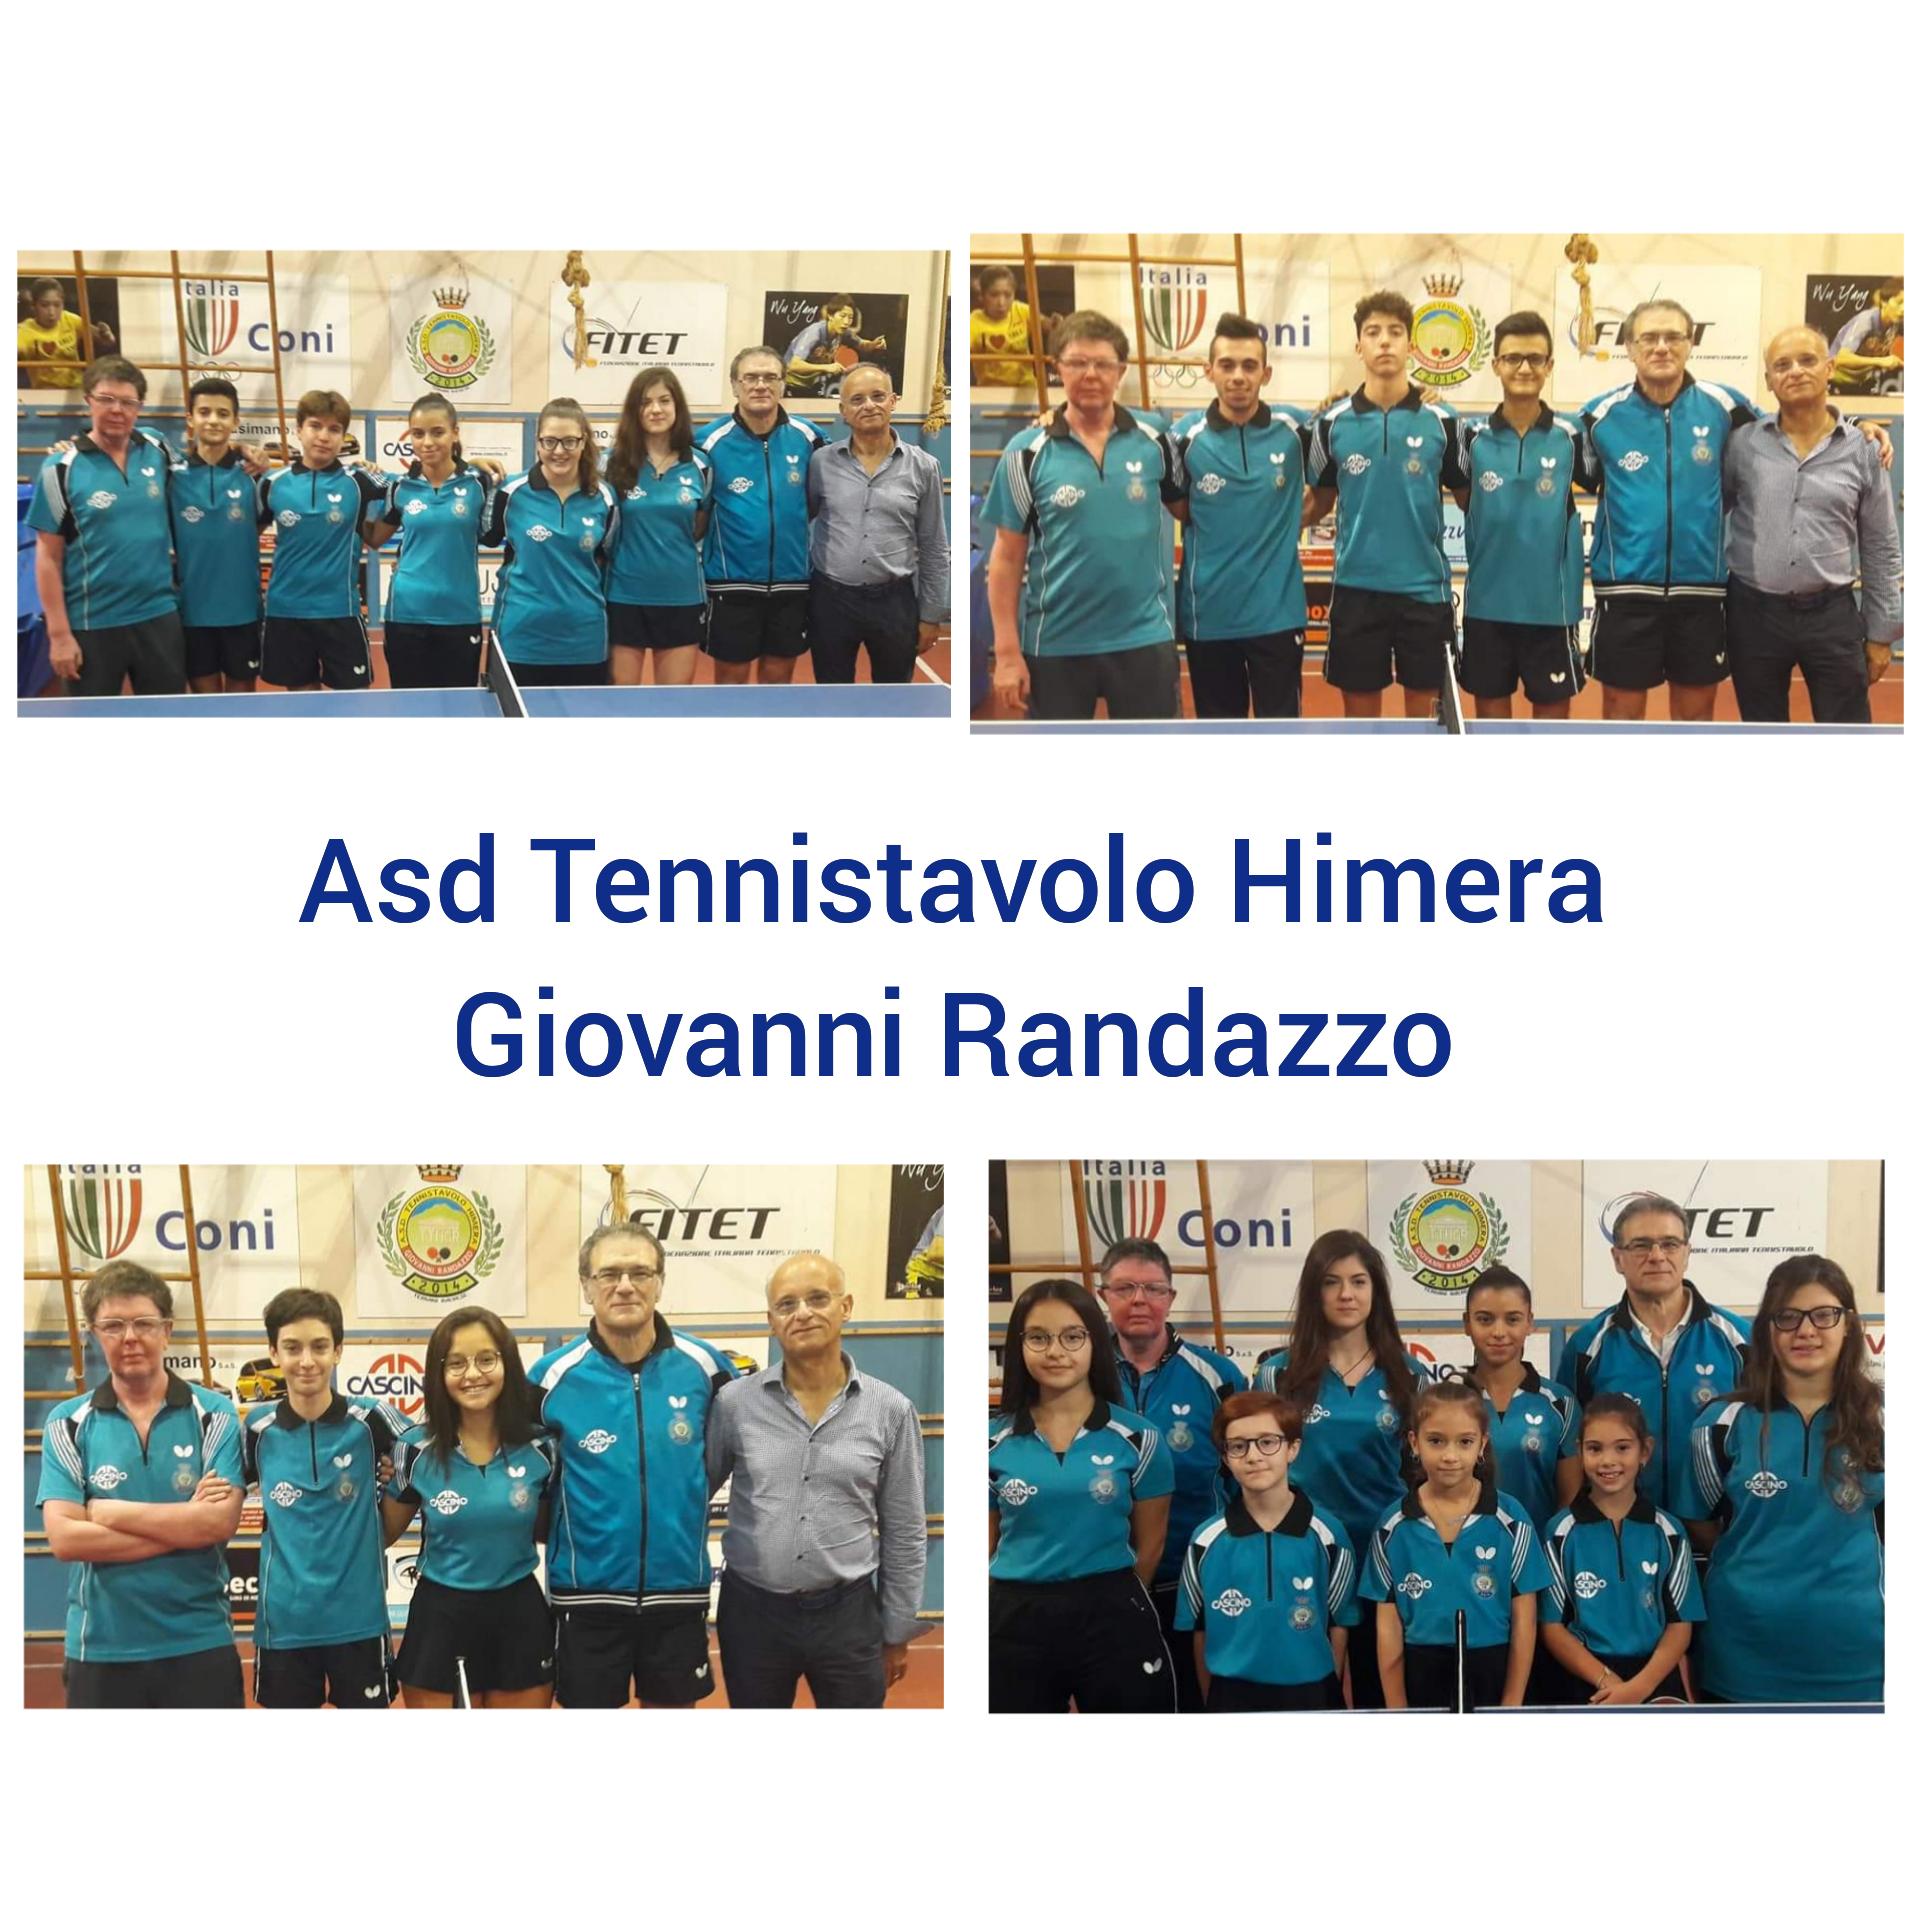 Tre vittorie e tre sconfitte nel weekend per l'Asd tennistavolo Hinera Giovanni Randazzo.